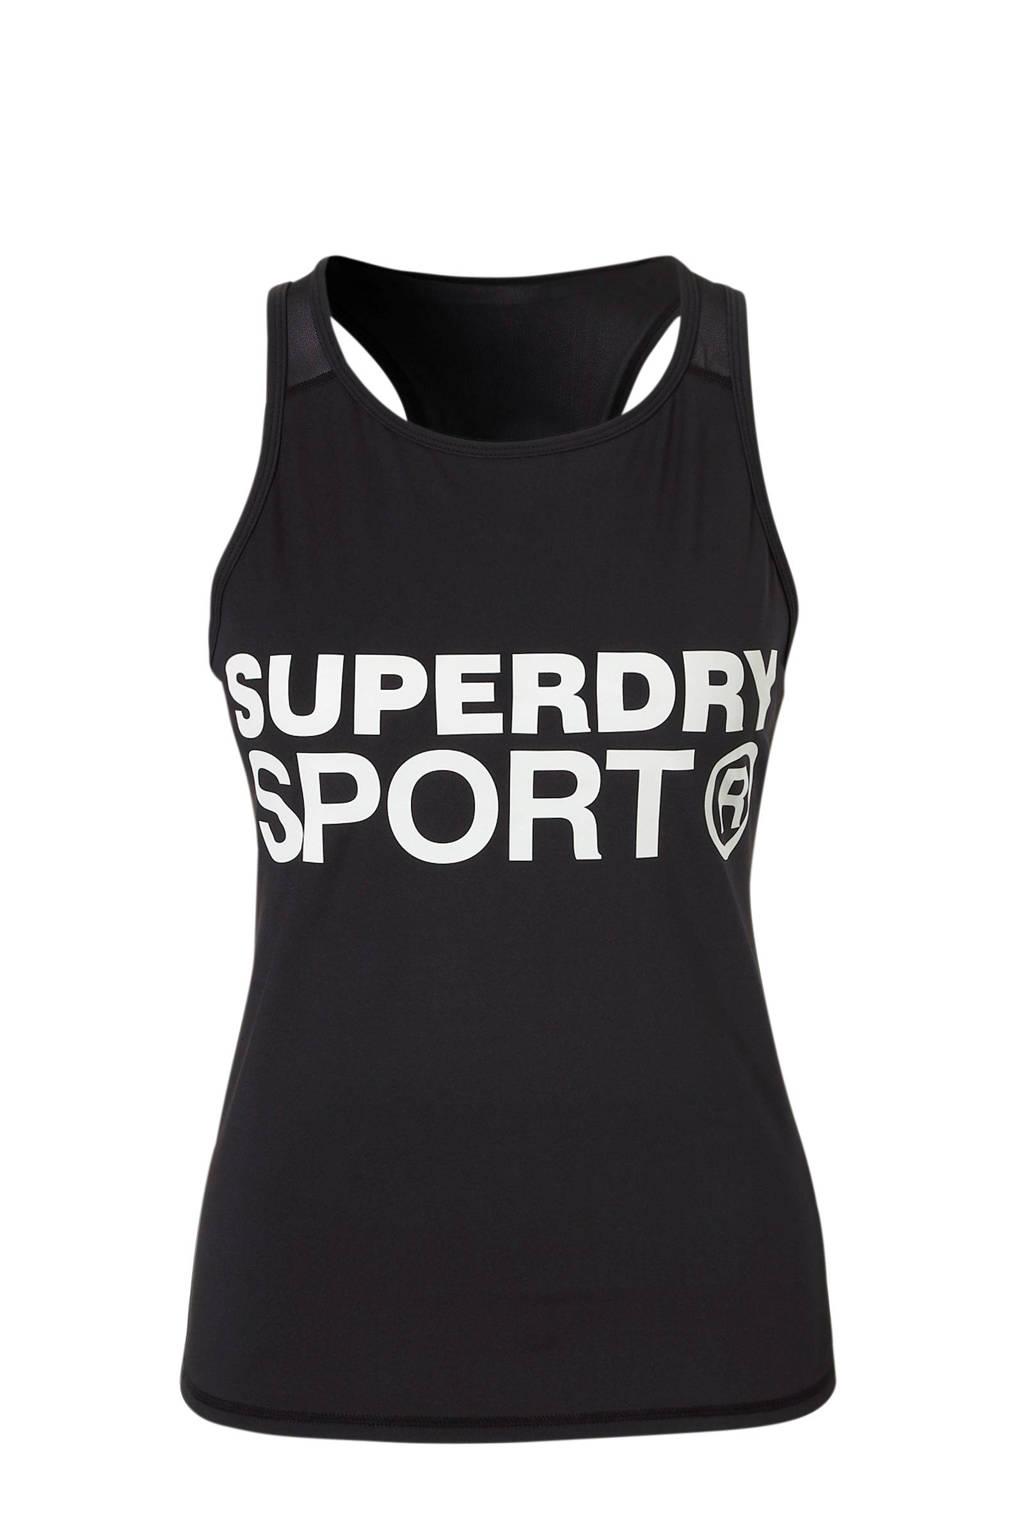 Superdry Sport sport T-shirt met printopdruk zwart, Zwart